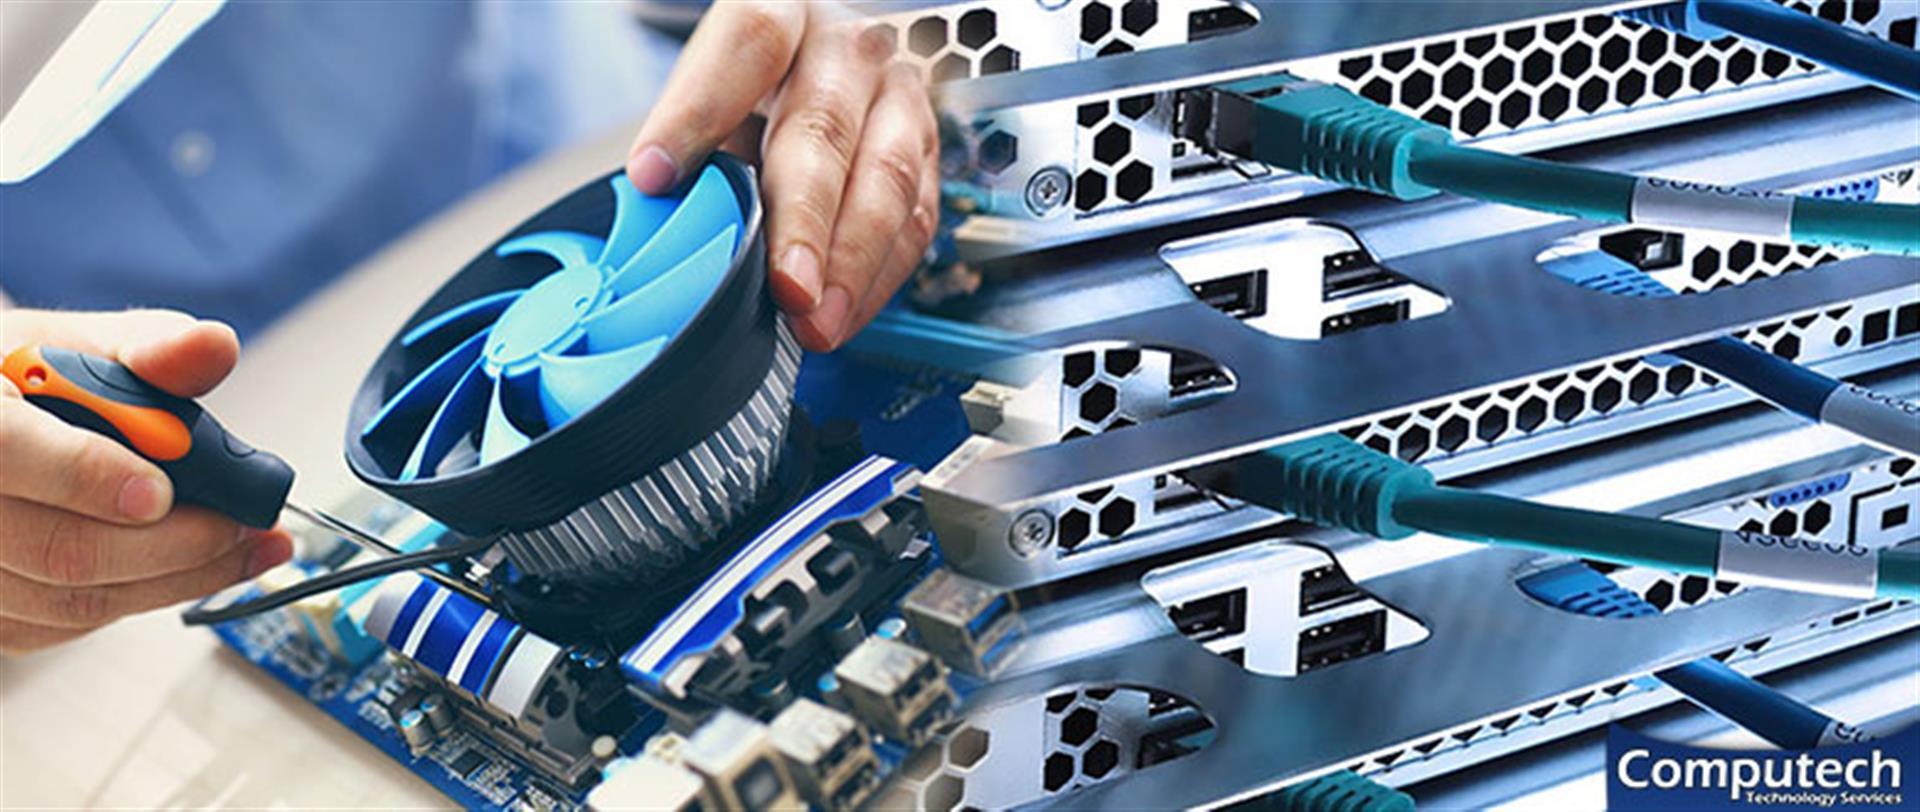 Powder Springs Georgia Onsite PC & Printer Repair, Network, Voice & Data Cabling Solutions